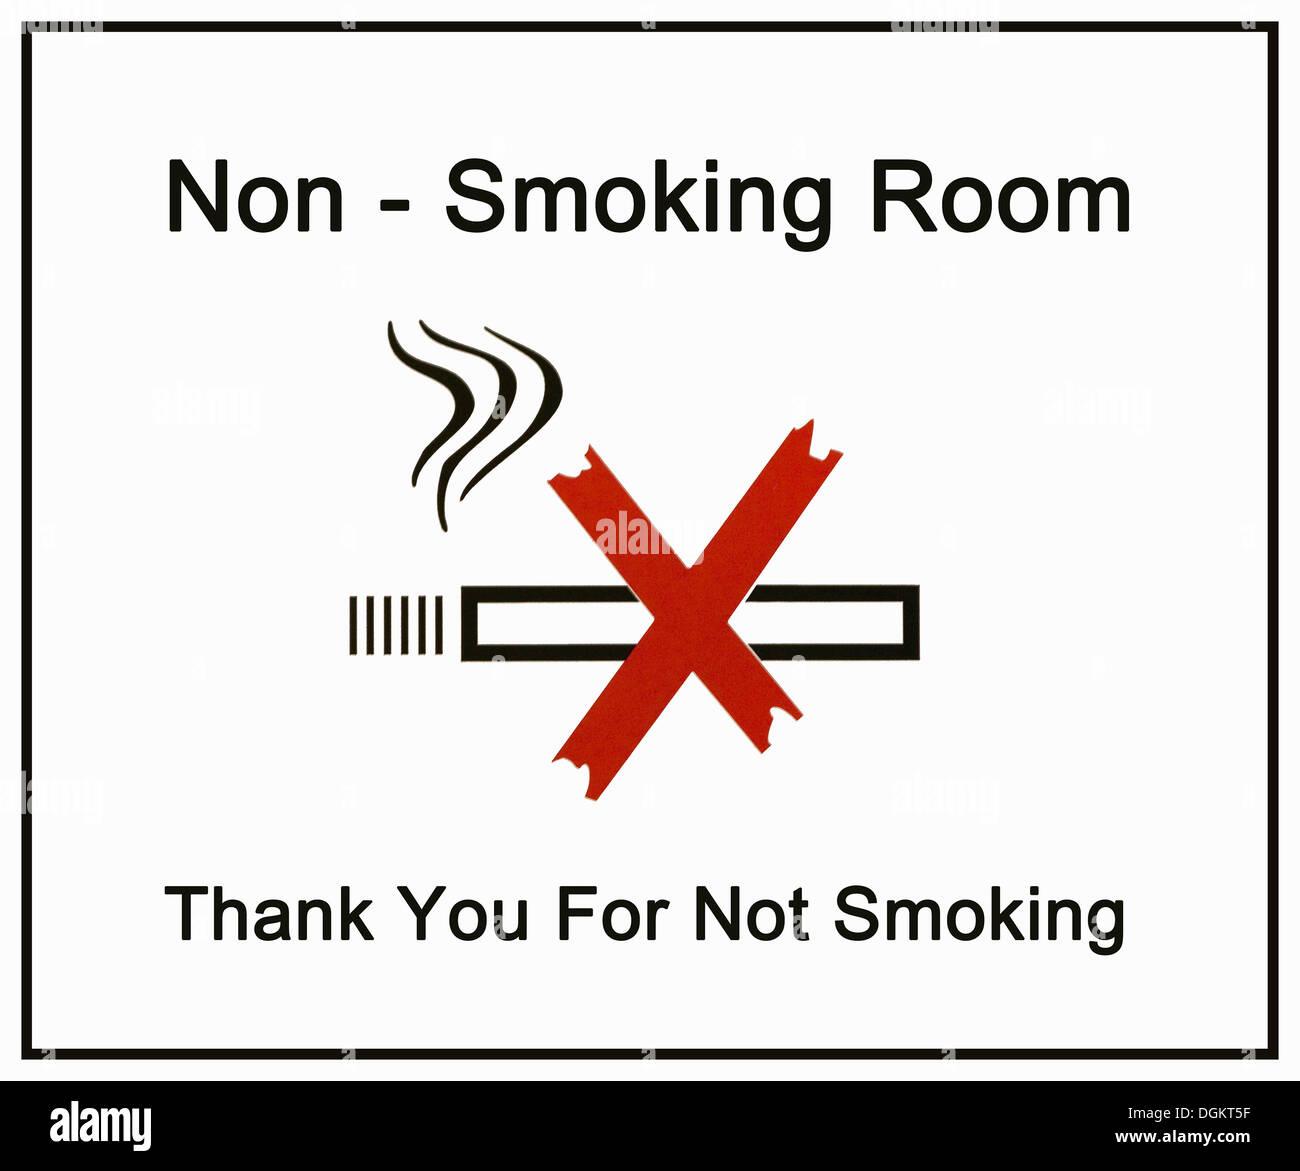 Firmar, habitación de no fumadores, gracias por no fumar Imagen De Stock